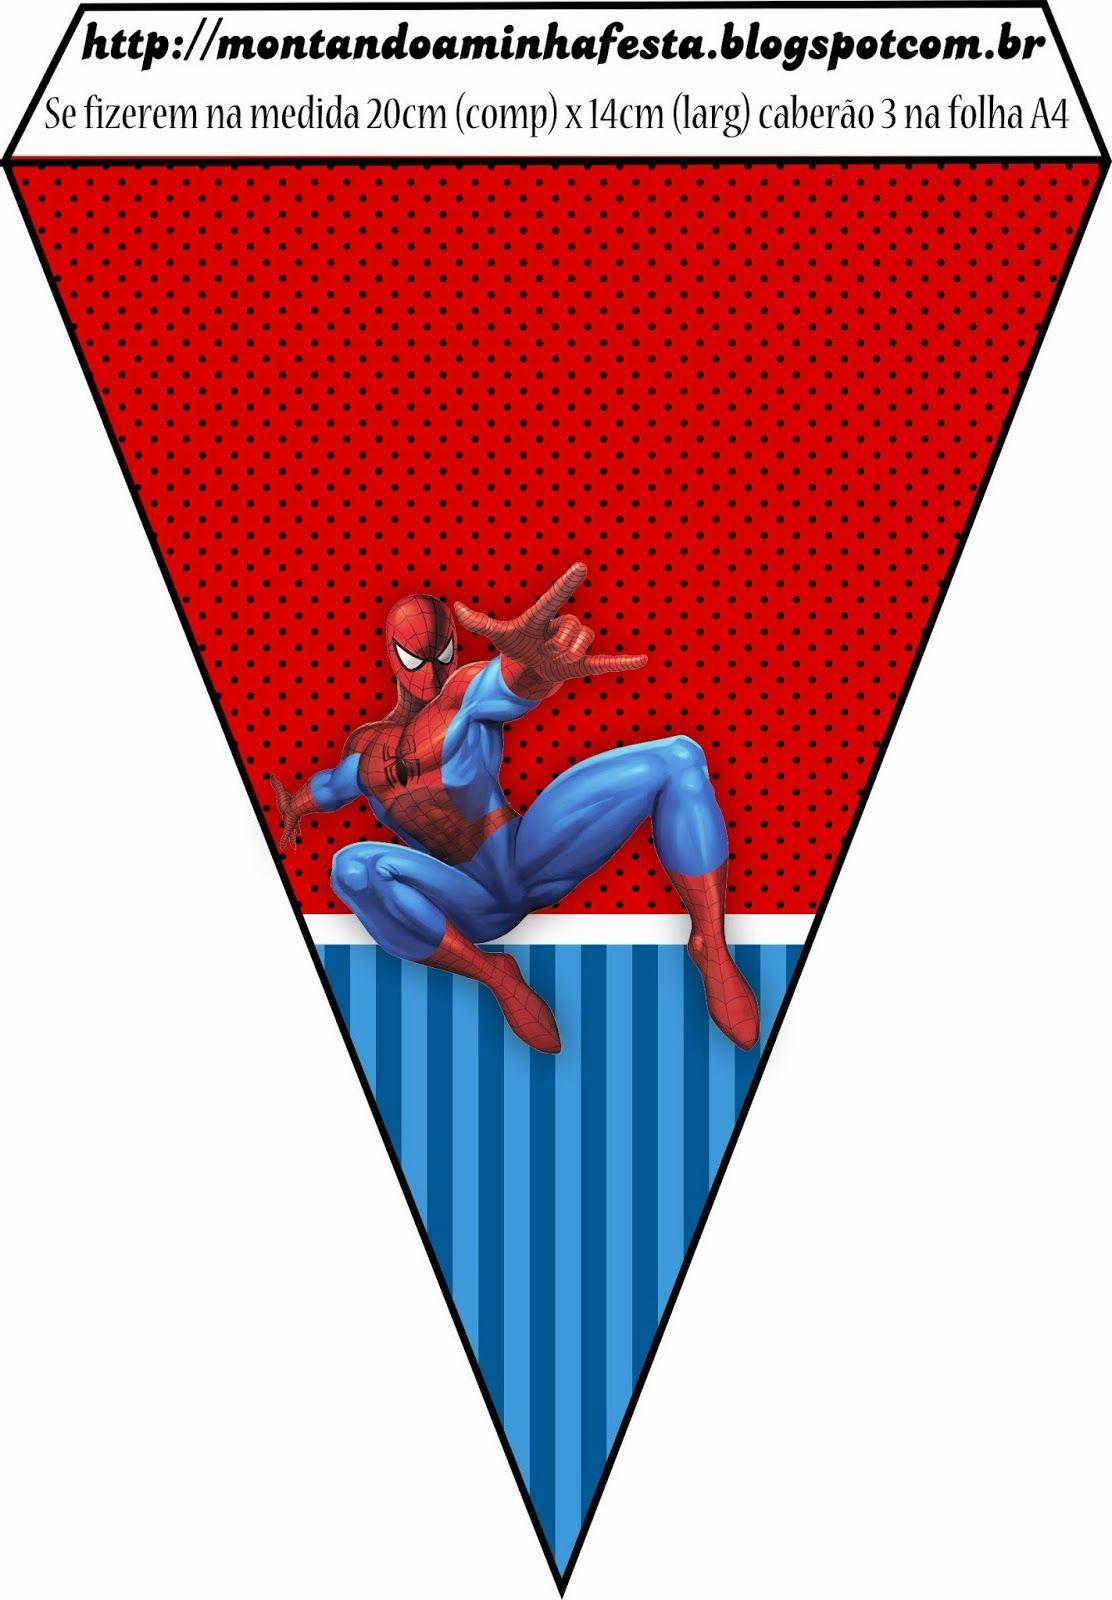 Montando minha festa: kit grátis para imprimir homem aranha | Homem ...